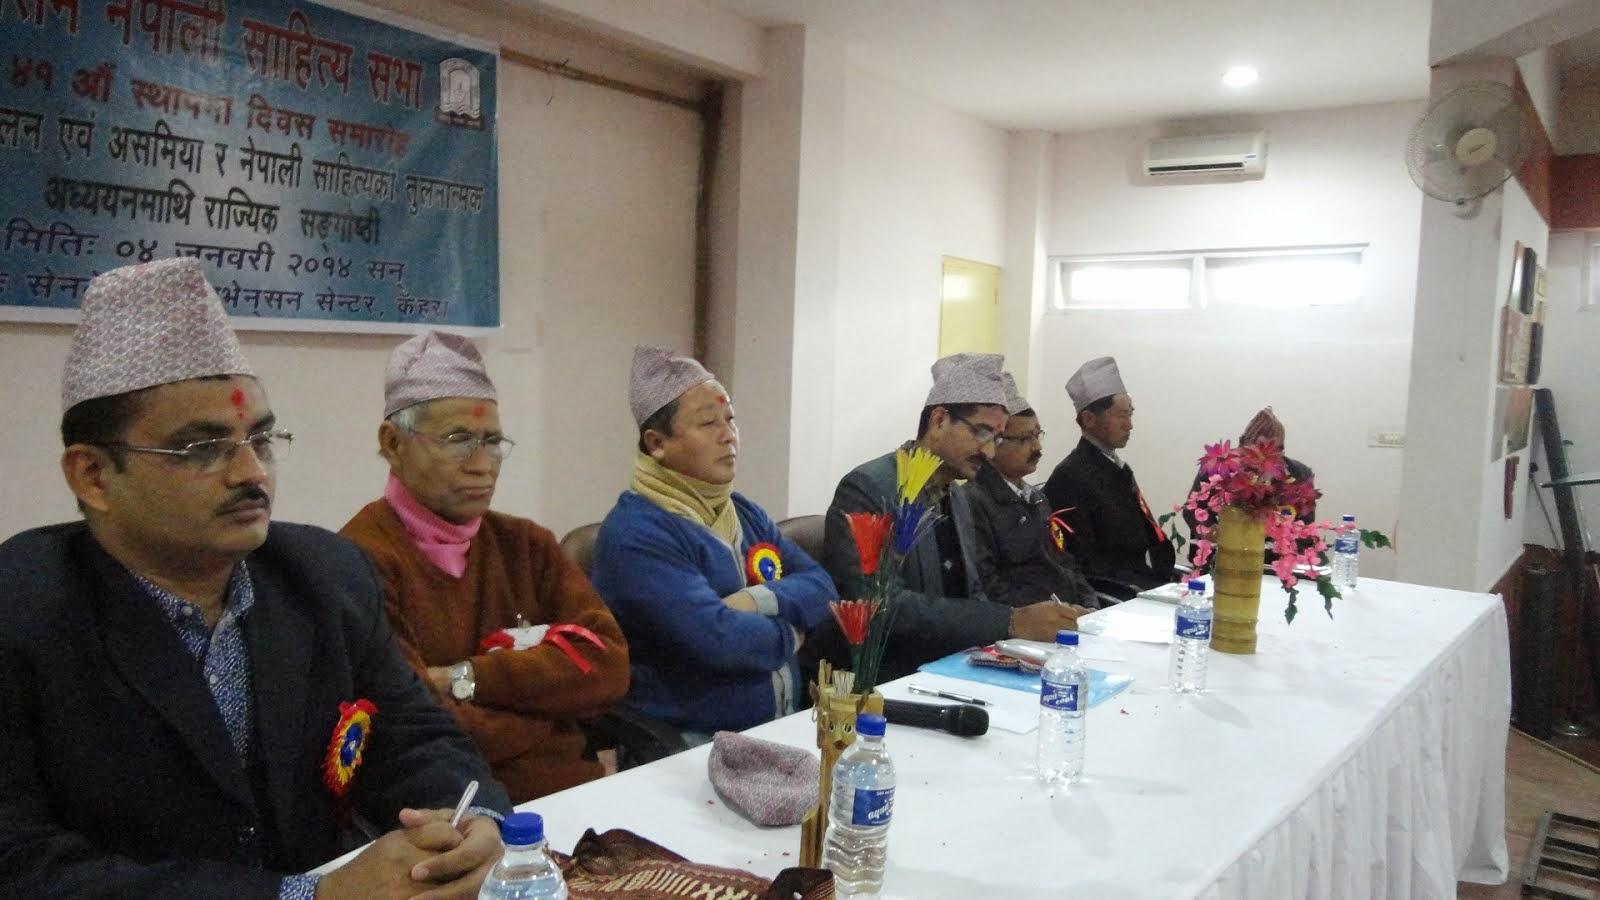 असम नेपाली साहित्य सभाको ४१औं स्थापना दिवसको अवसरमा आयोजित कवि सम्मेलनः काजिरङ्गा ४ जनवरी २०१४